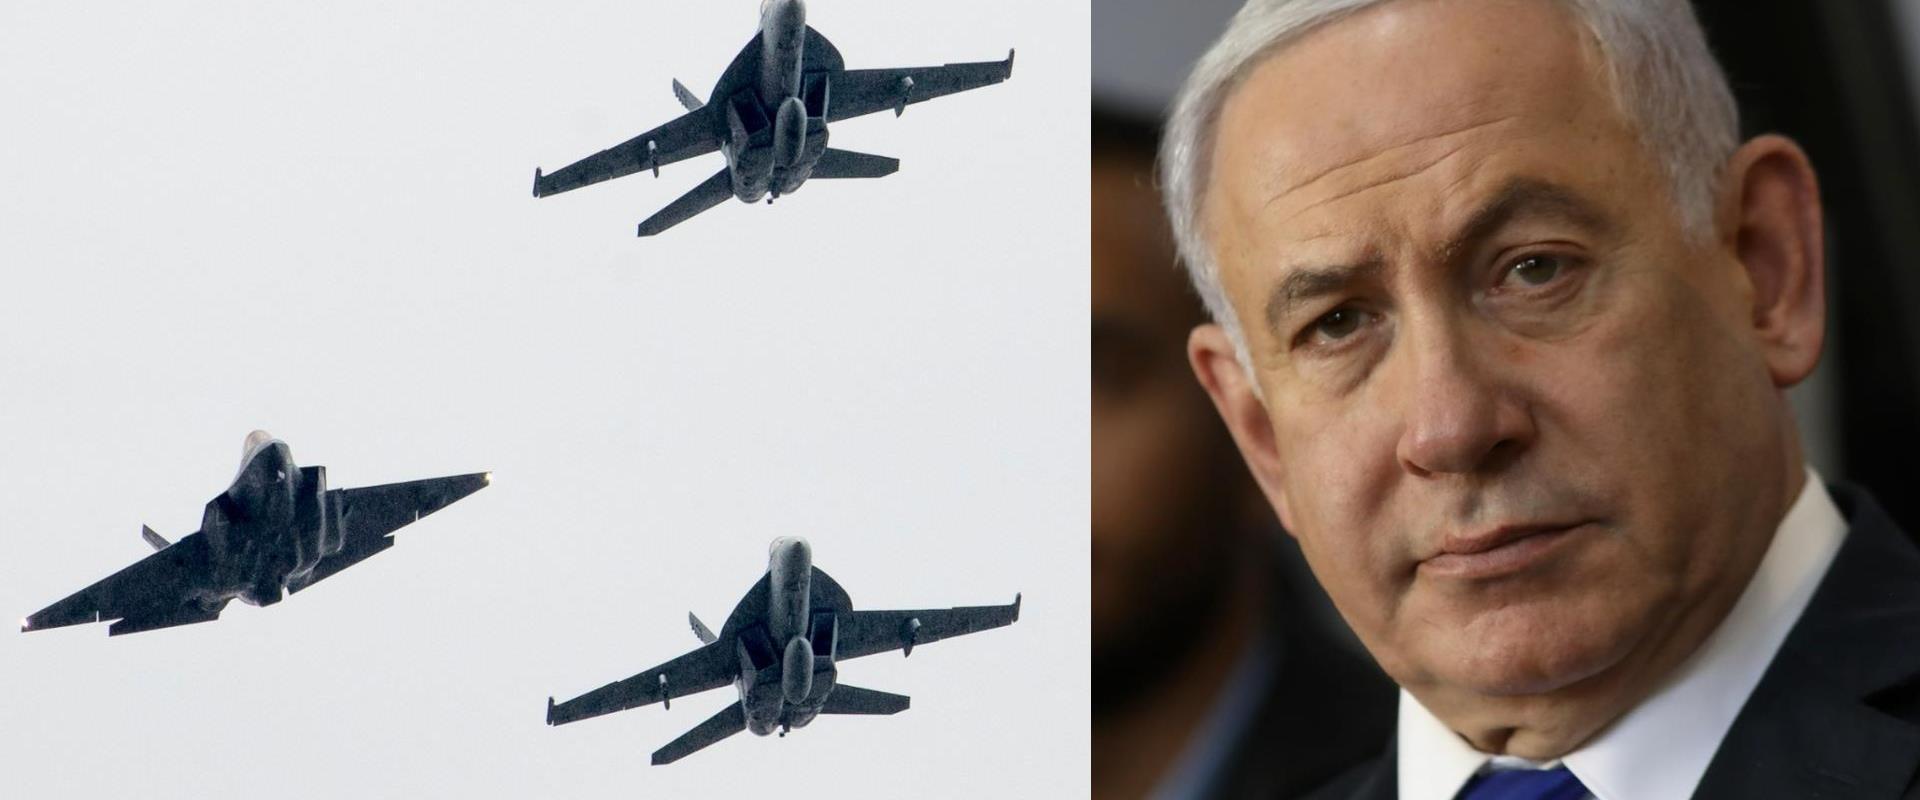 ראש הממשלה נתניהו, מטוסי F35, ארכיון